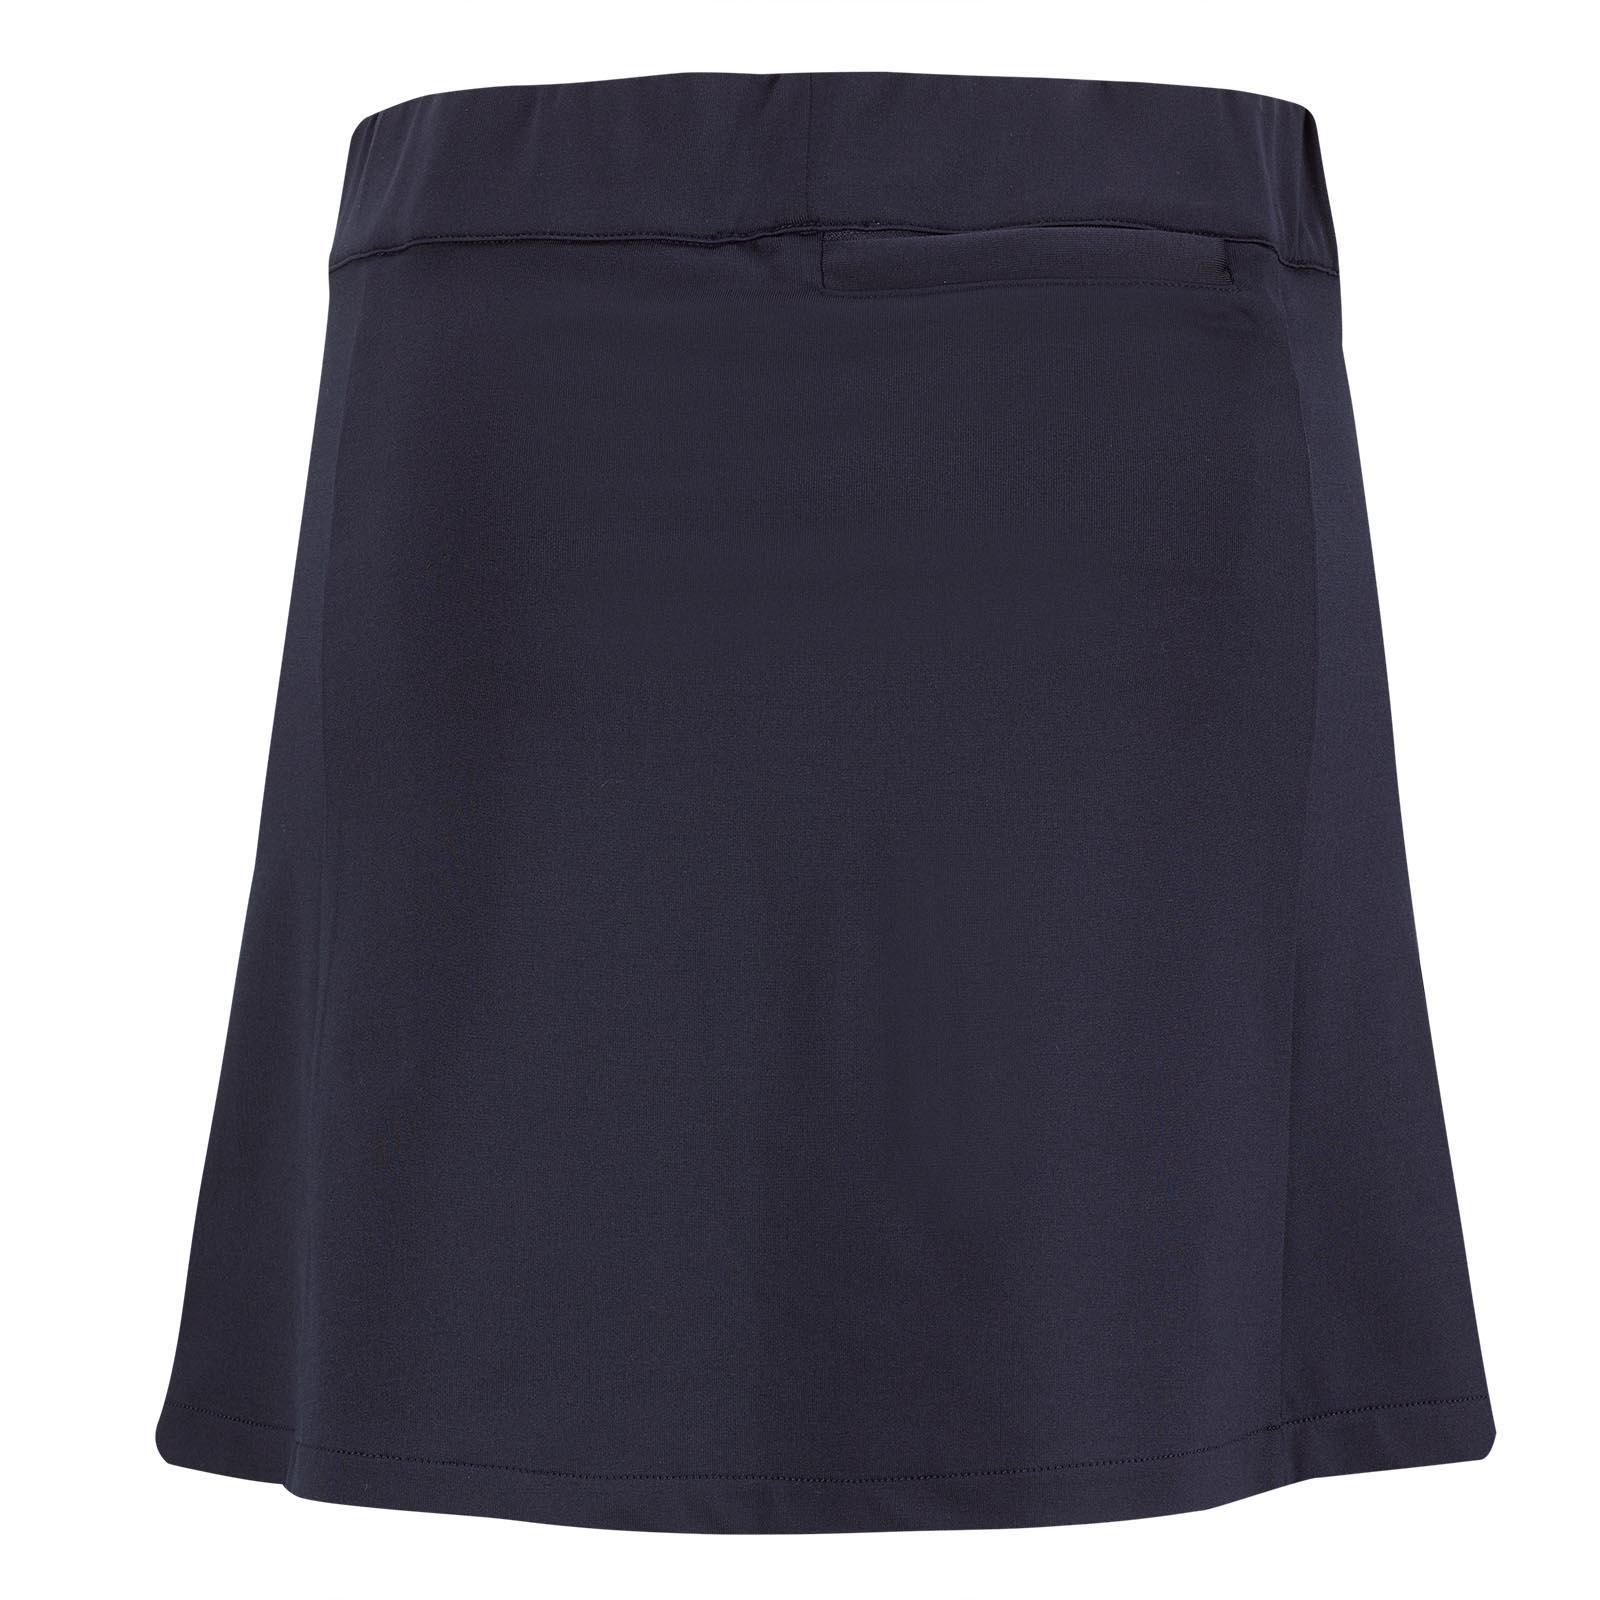 Damen Golfskort in kurzer Länge mit Extra Stretch Komfort